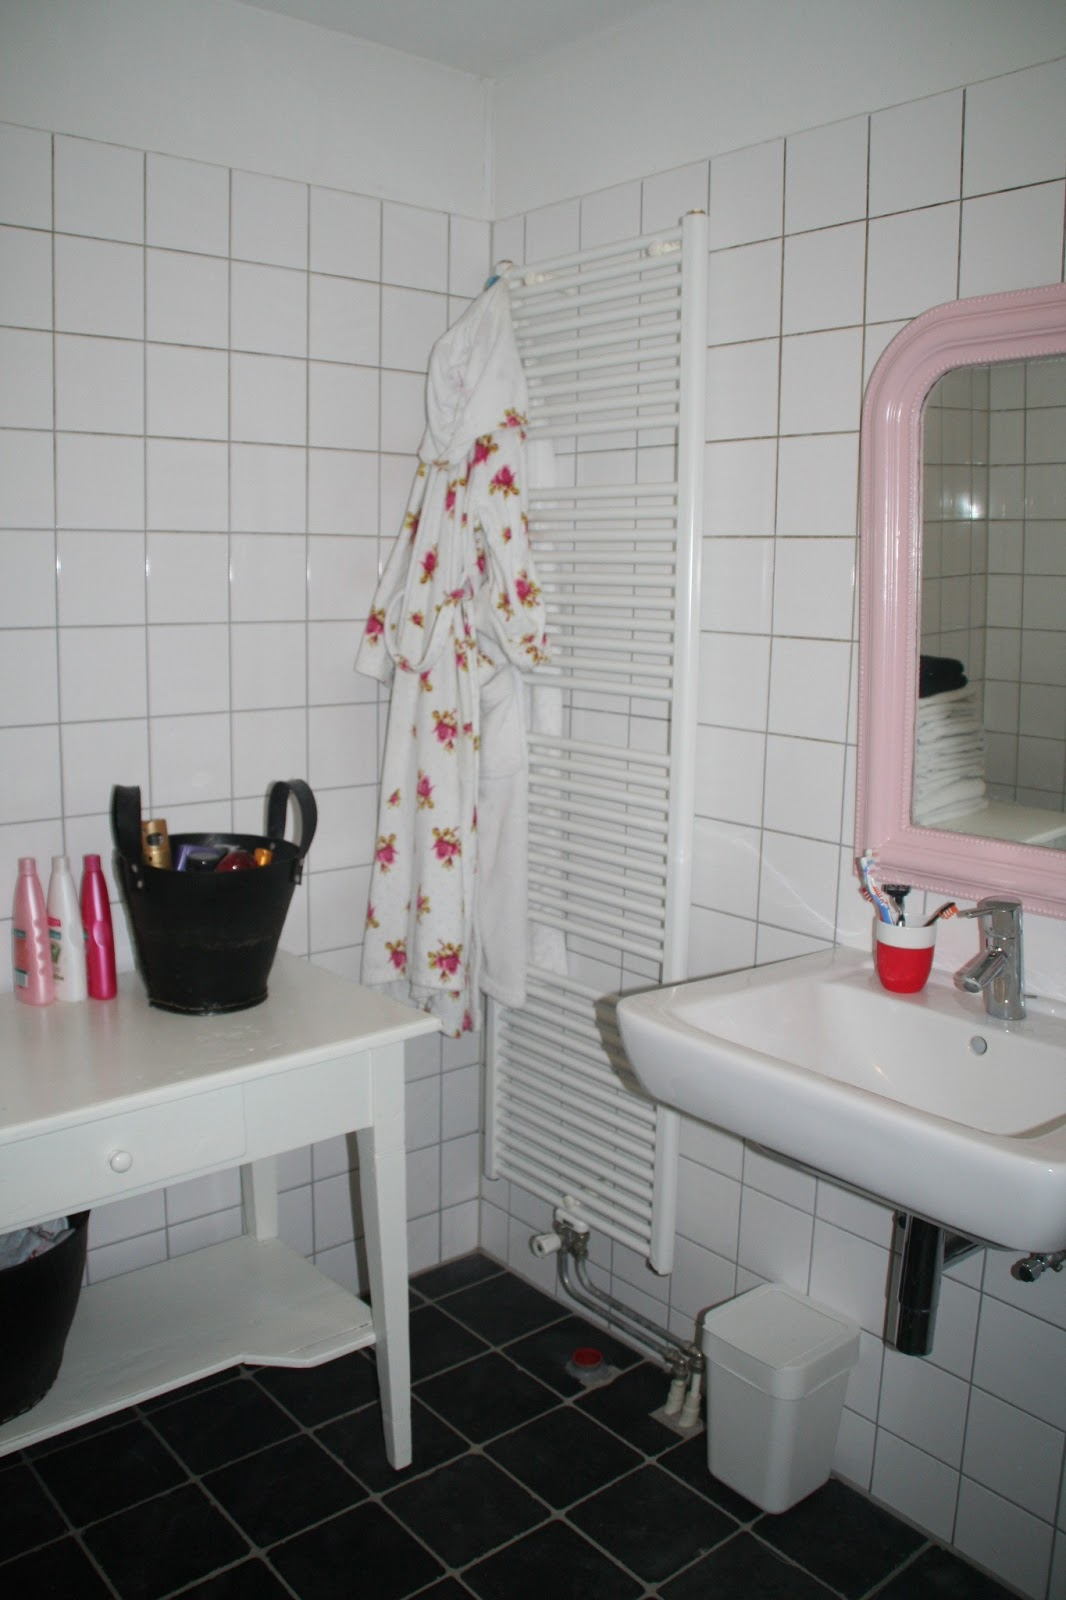 badkamer inspiratie - Coosje Blog Nordic living